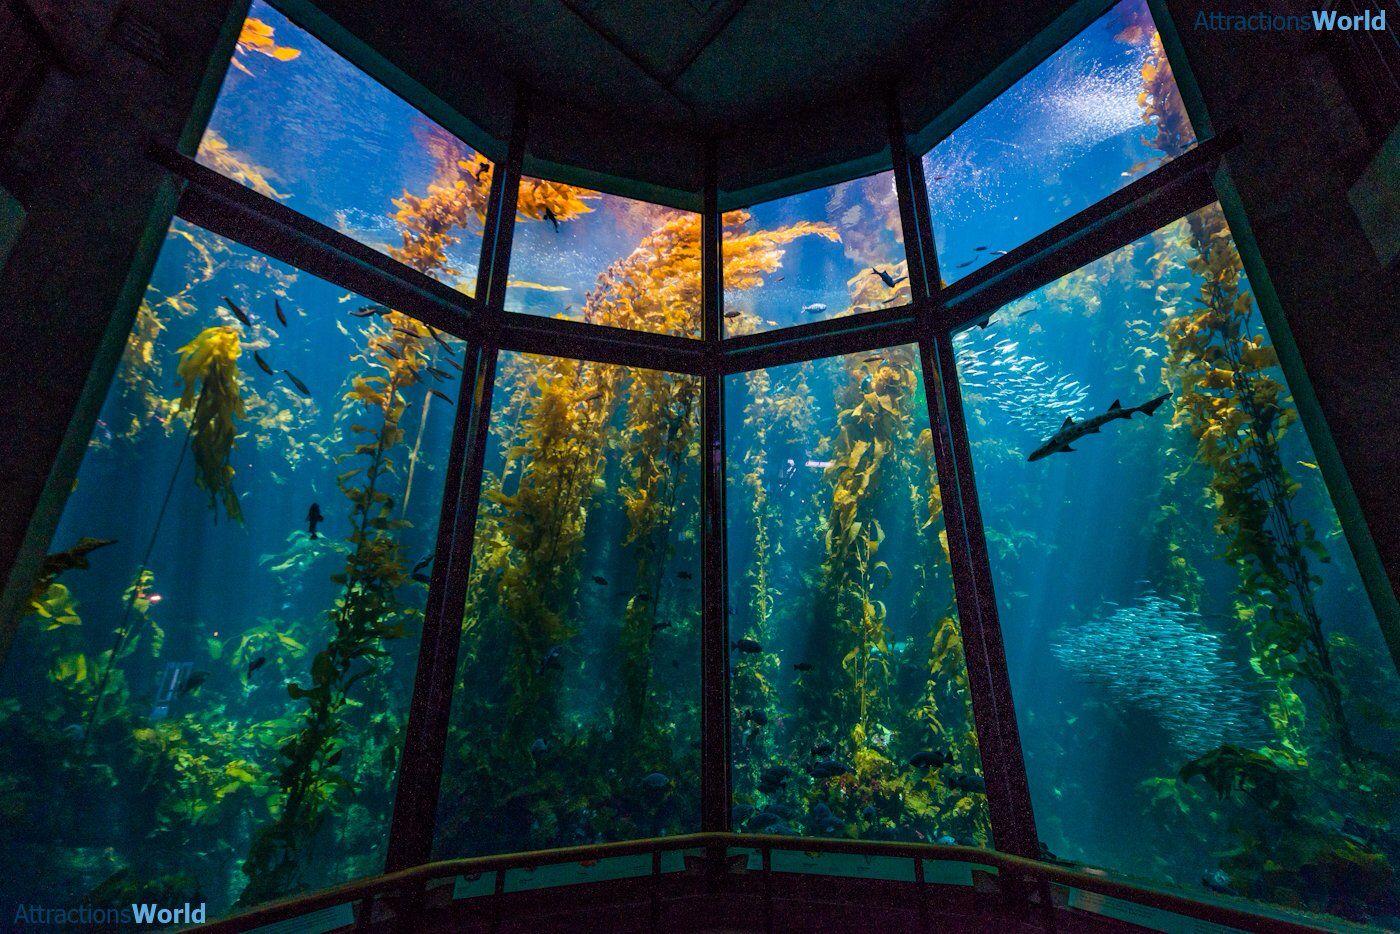 monterey sea aquarium salad bowl of america sea